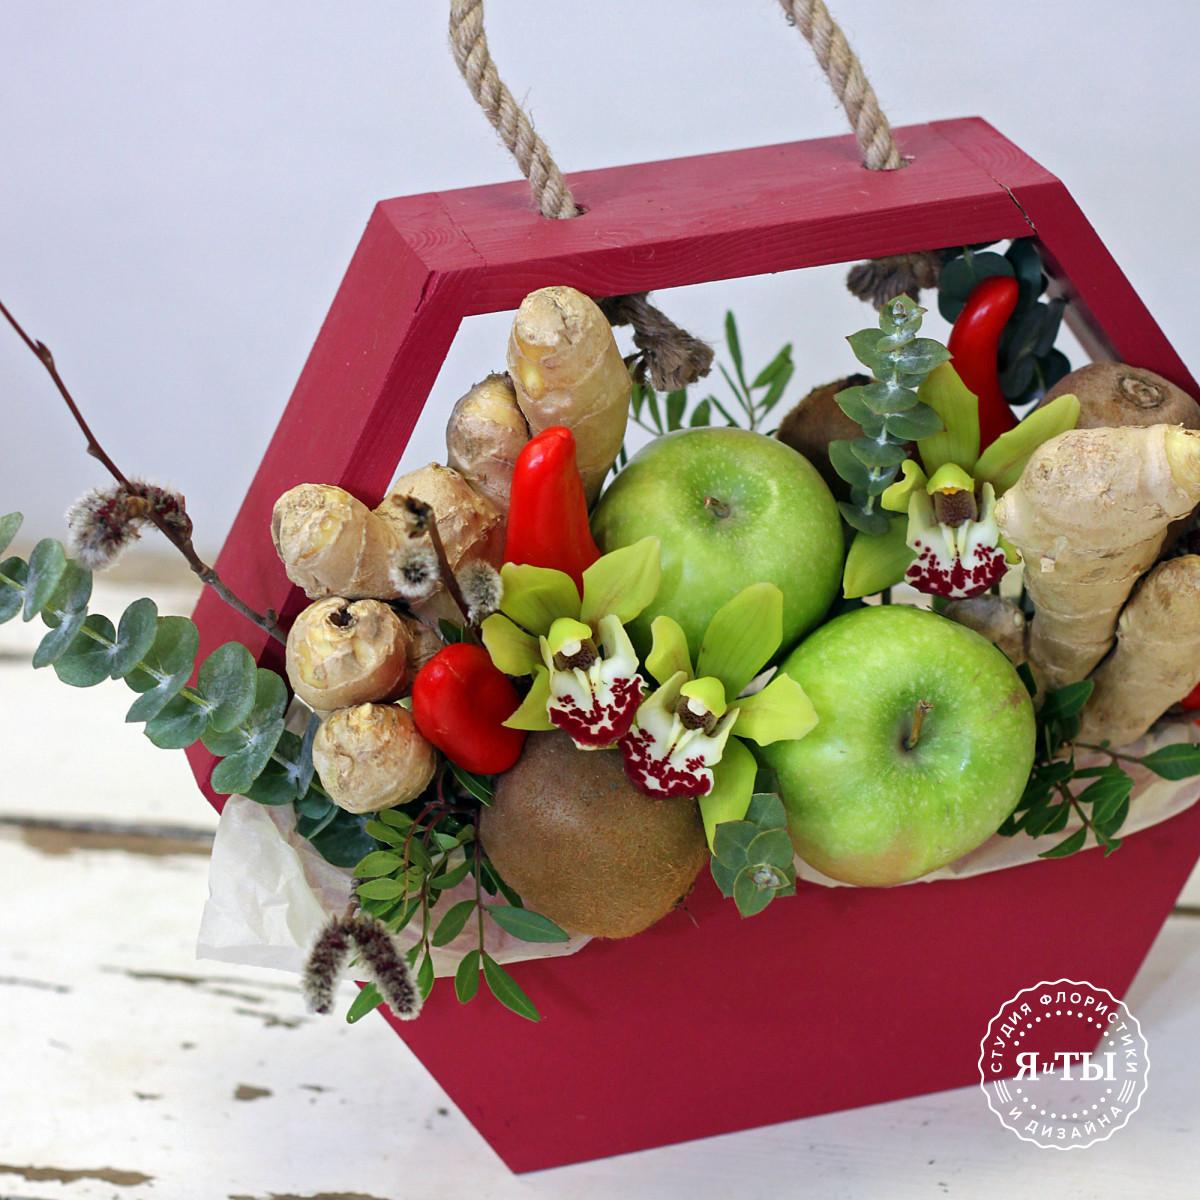 Композиция в ящике с яблоками и перцем